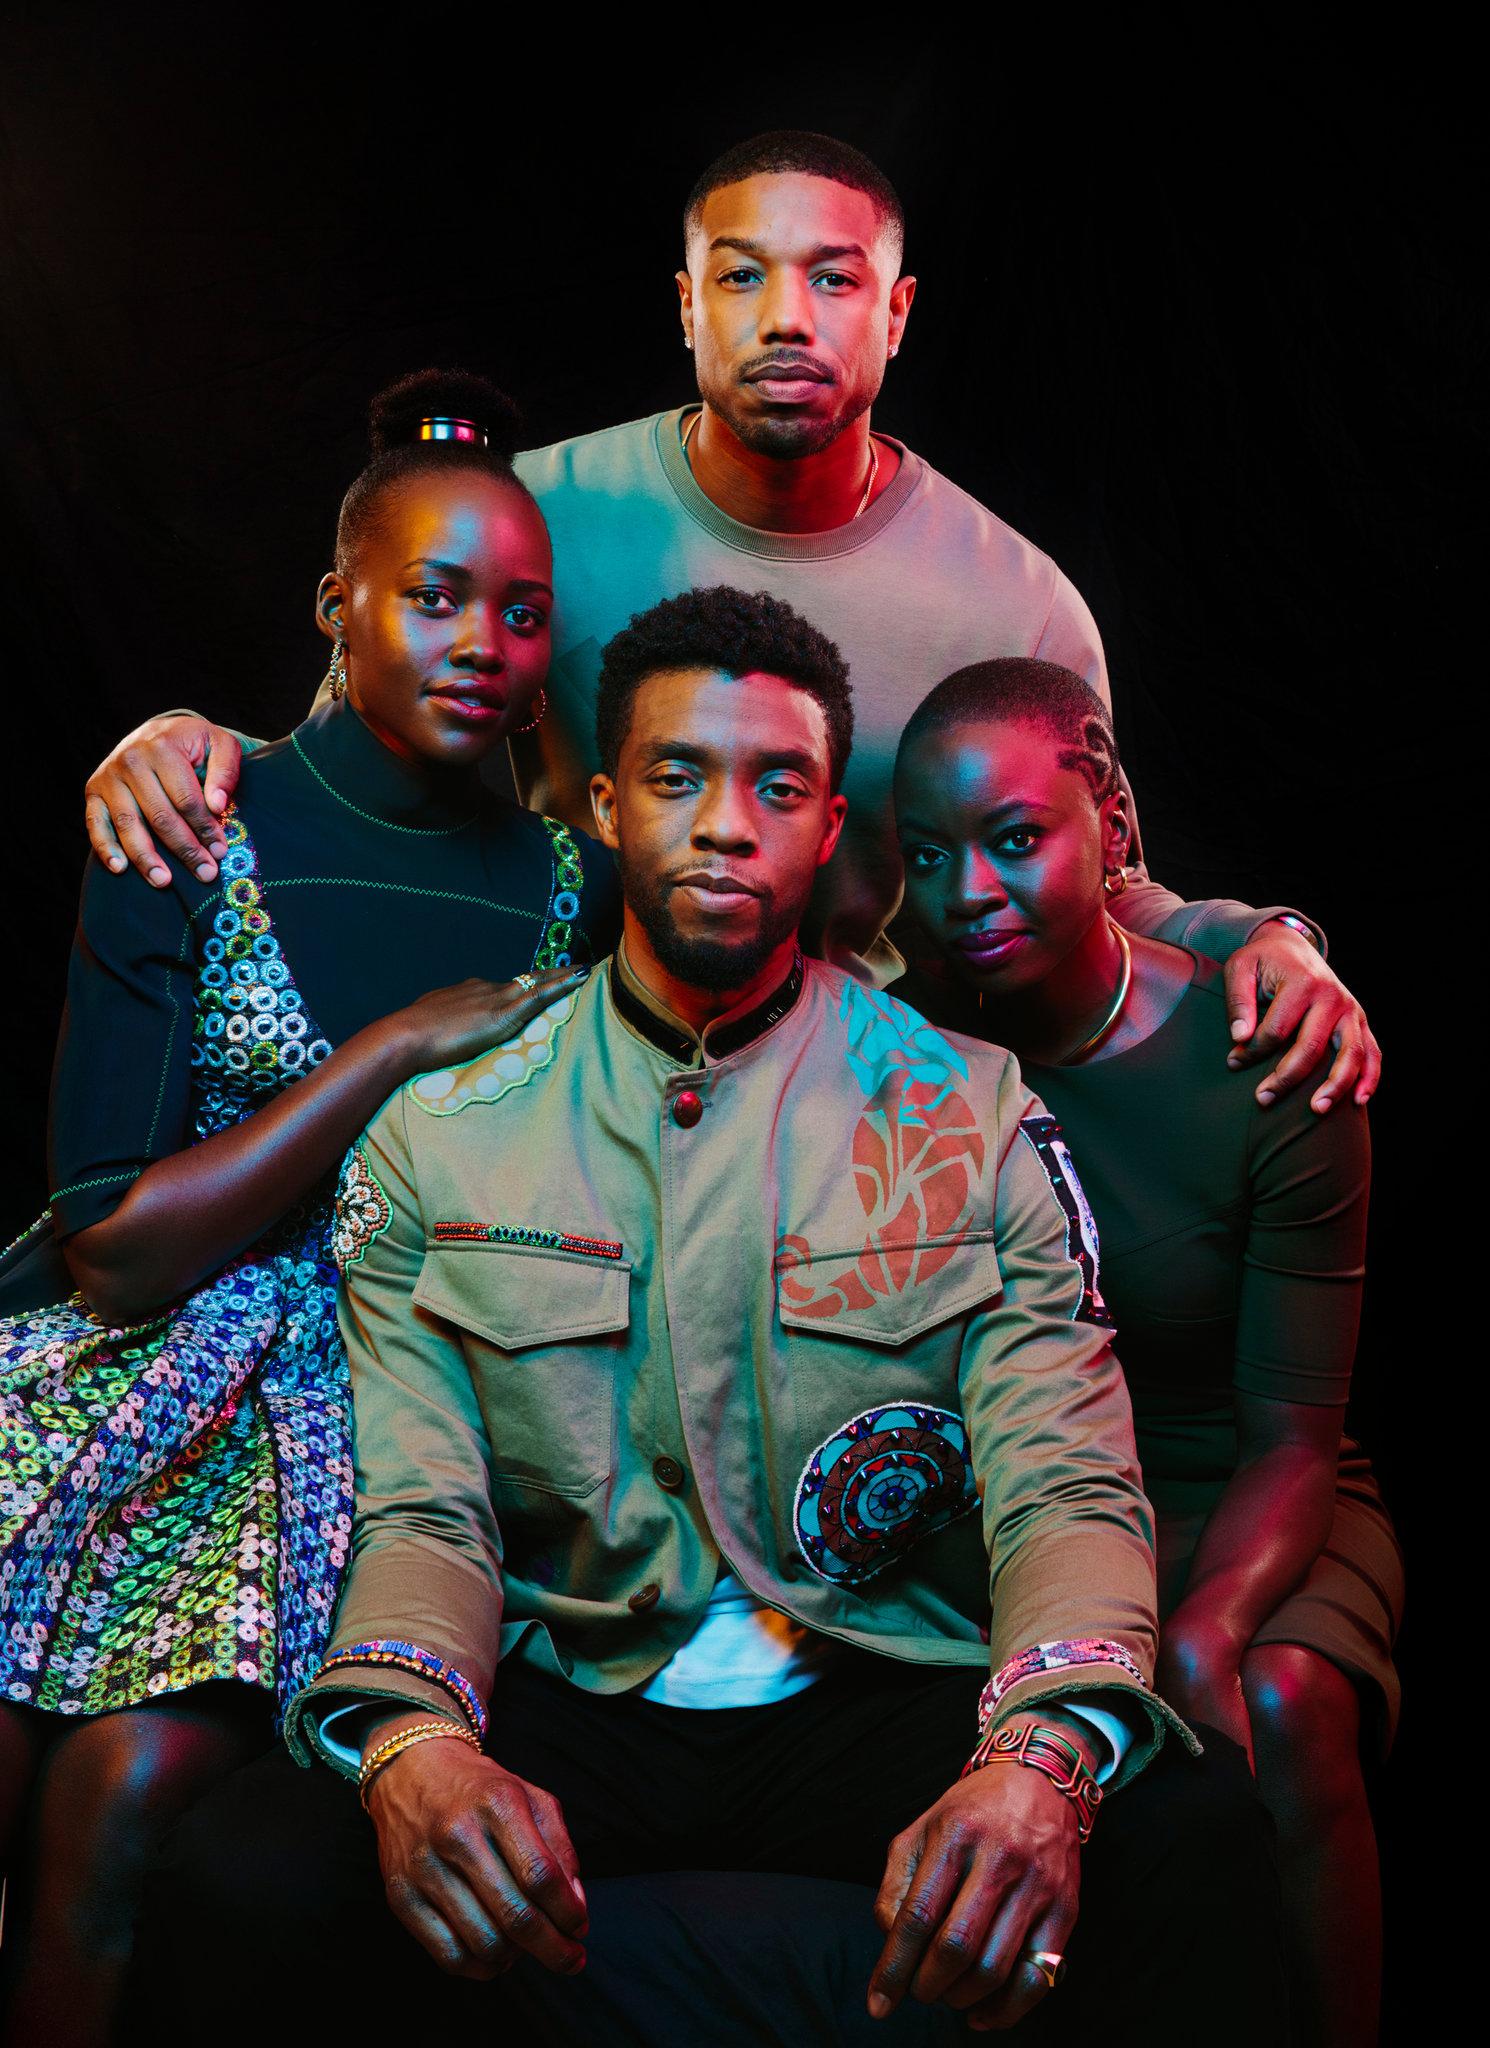 lupita-nyongo-on-filming-black-panther-2-without-chadwick-boseman